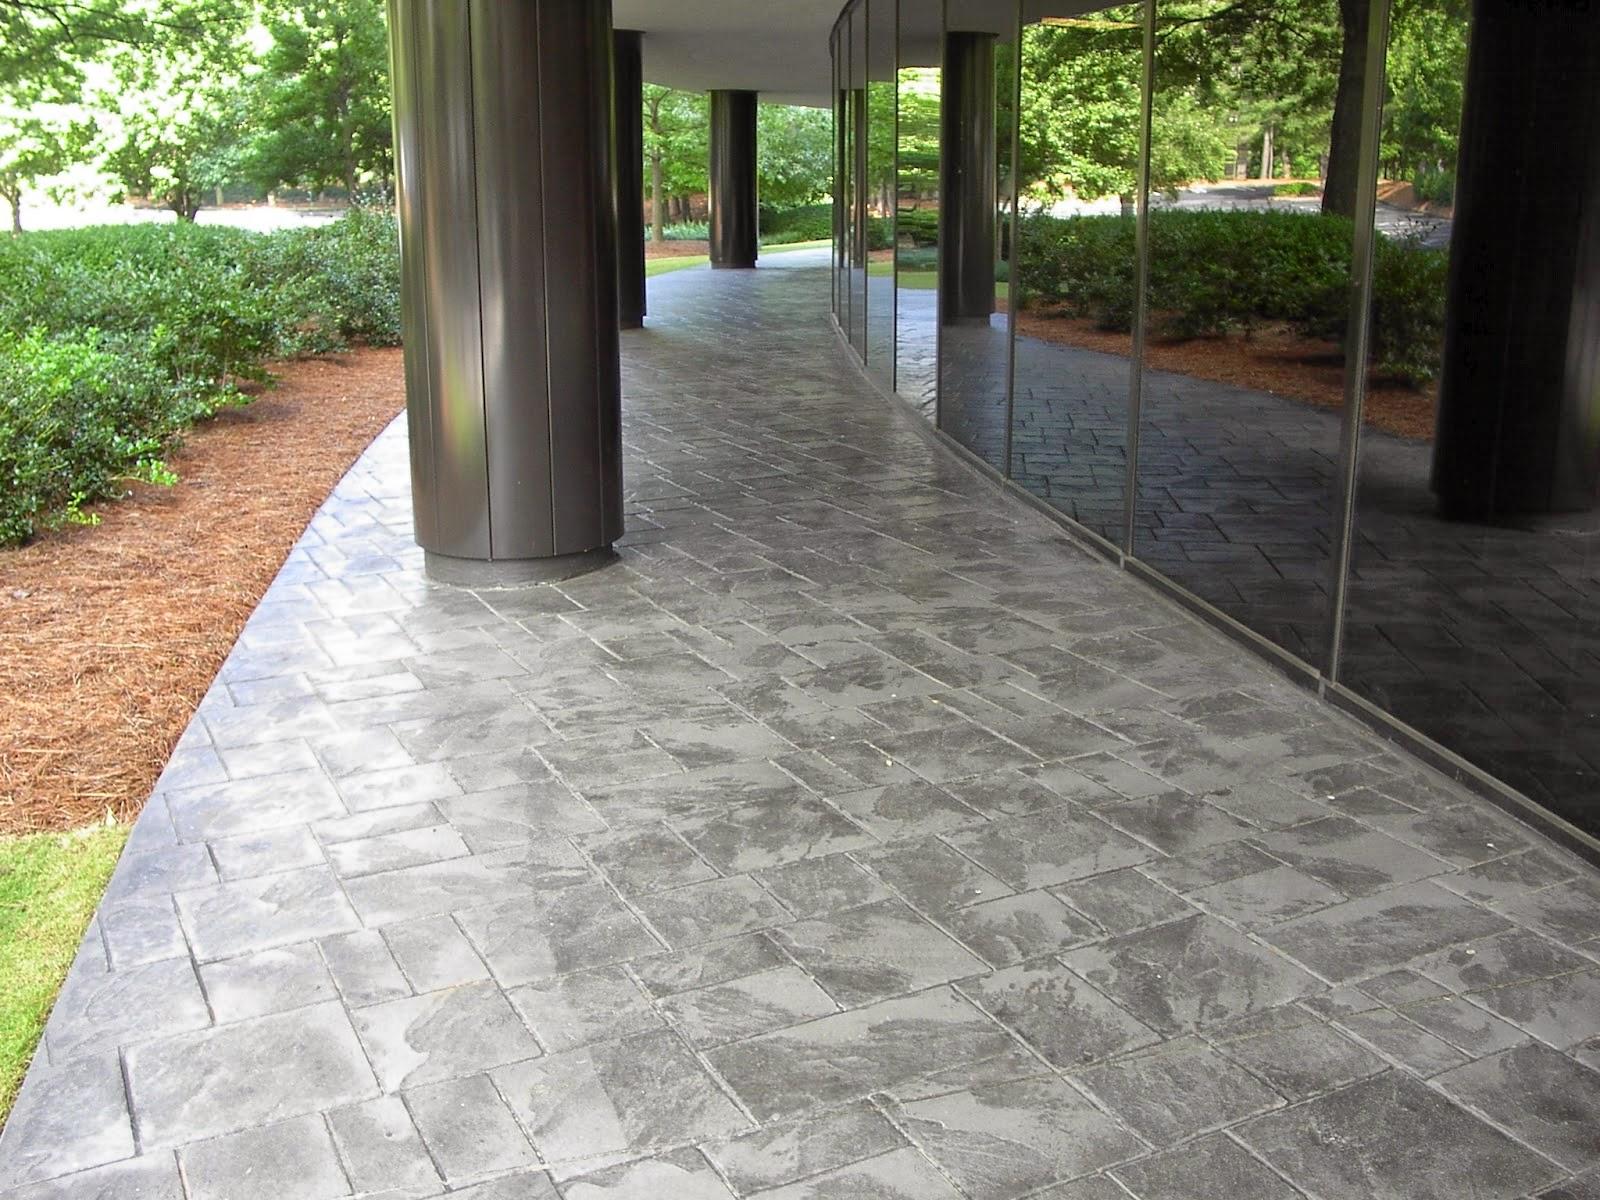 Hormigon impreso benissa cemento impreso benissa for Hormigon para pavimentos